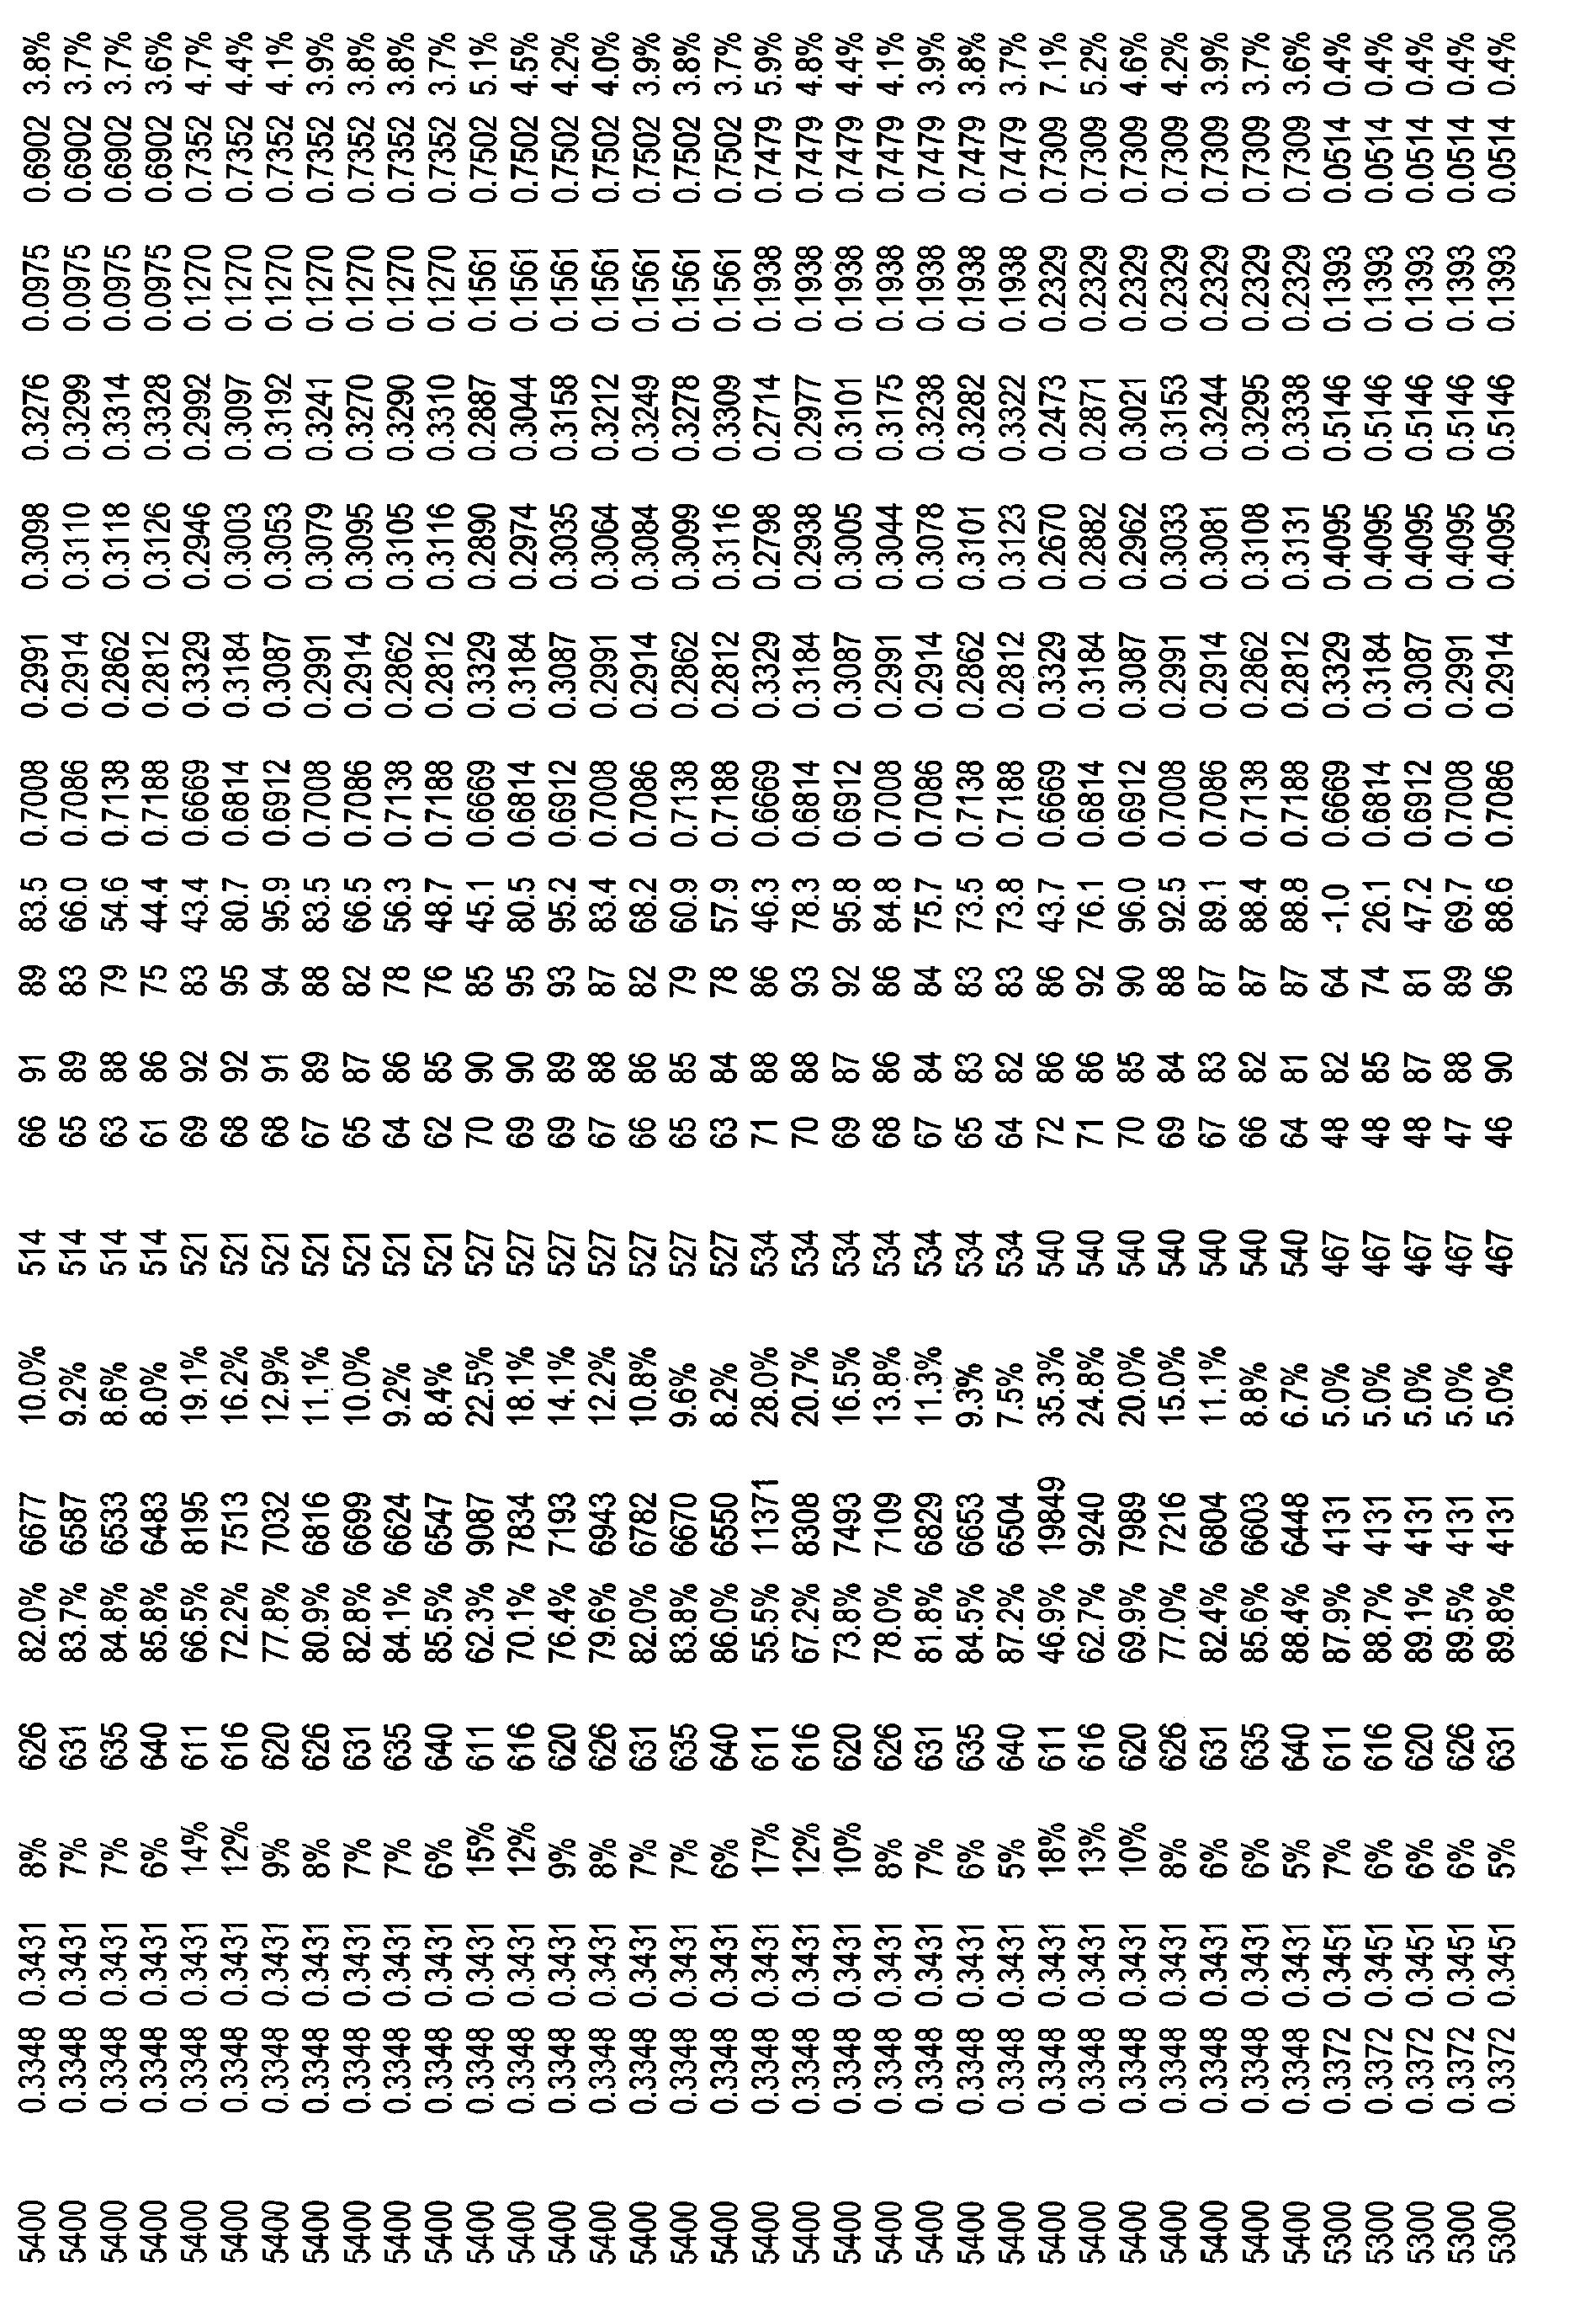 Figure CN101821544BD00551